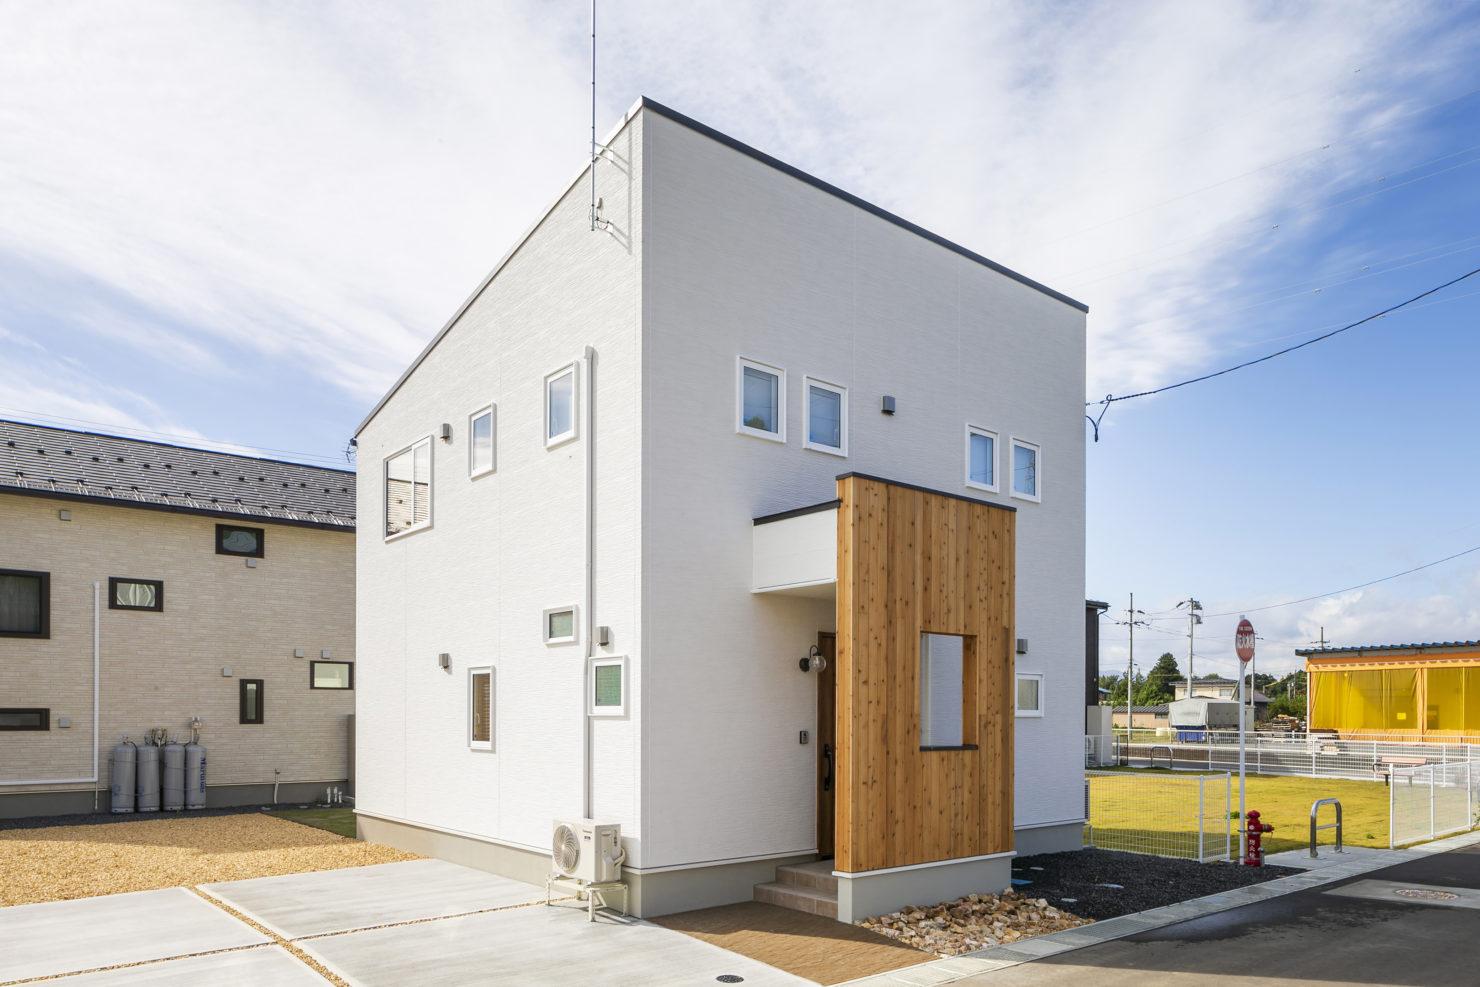 ハウスM21 北上市村崎野建売住宅 外観写真